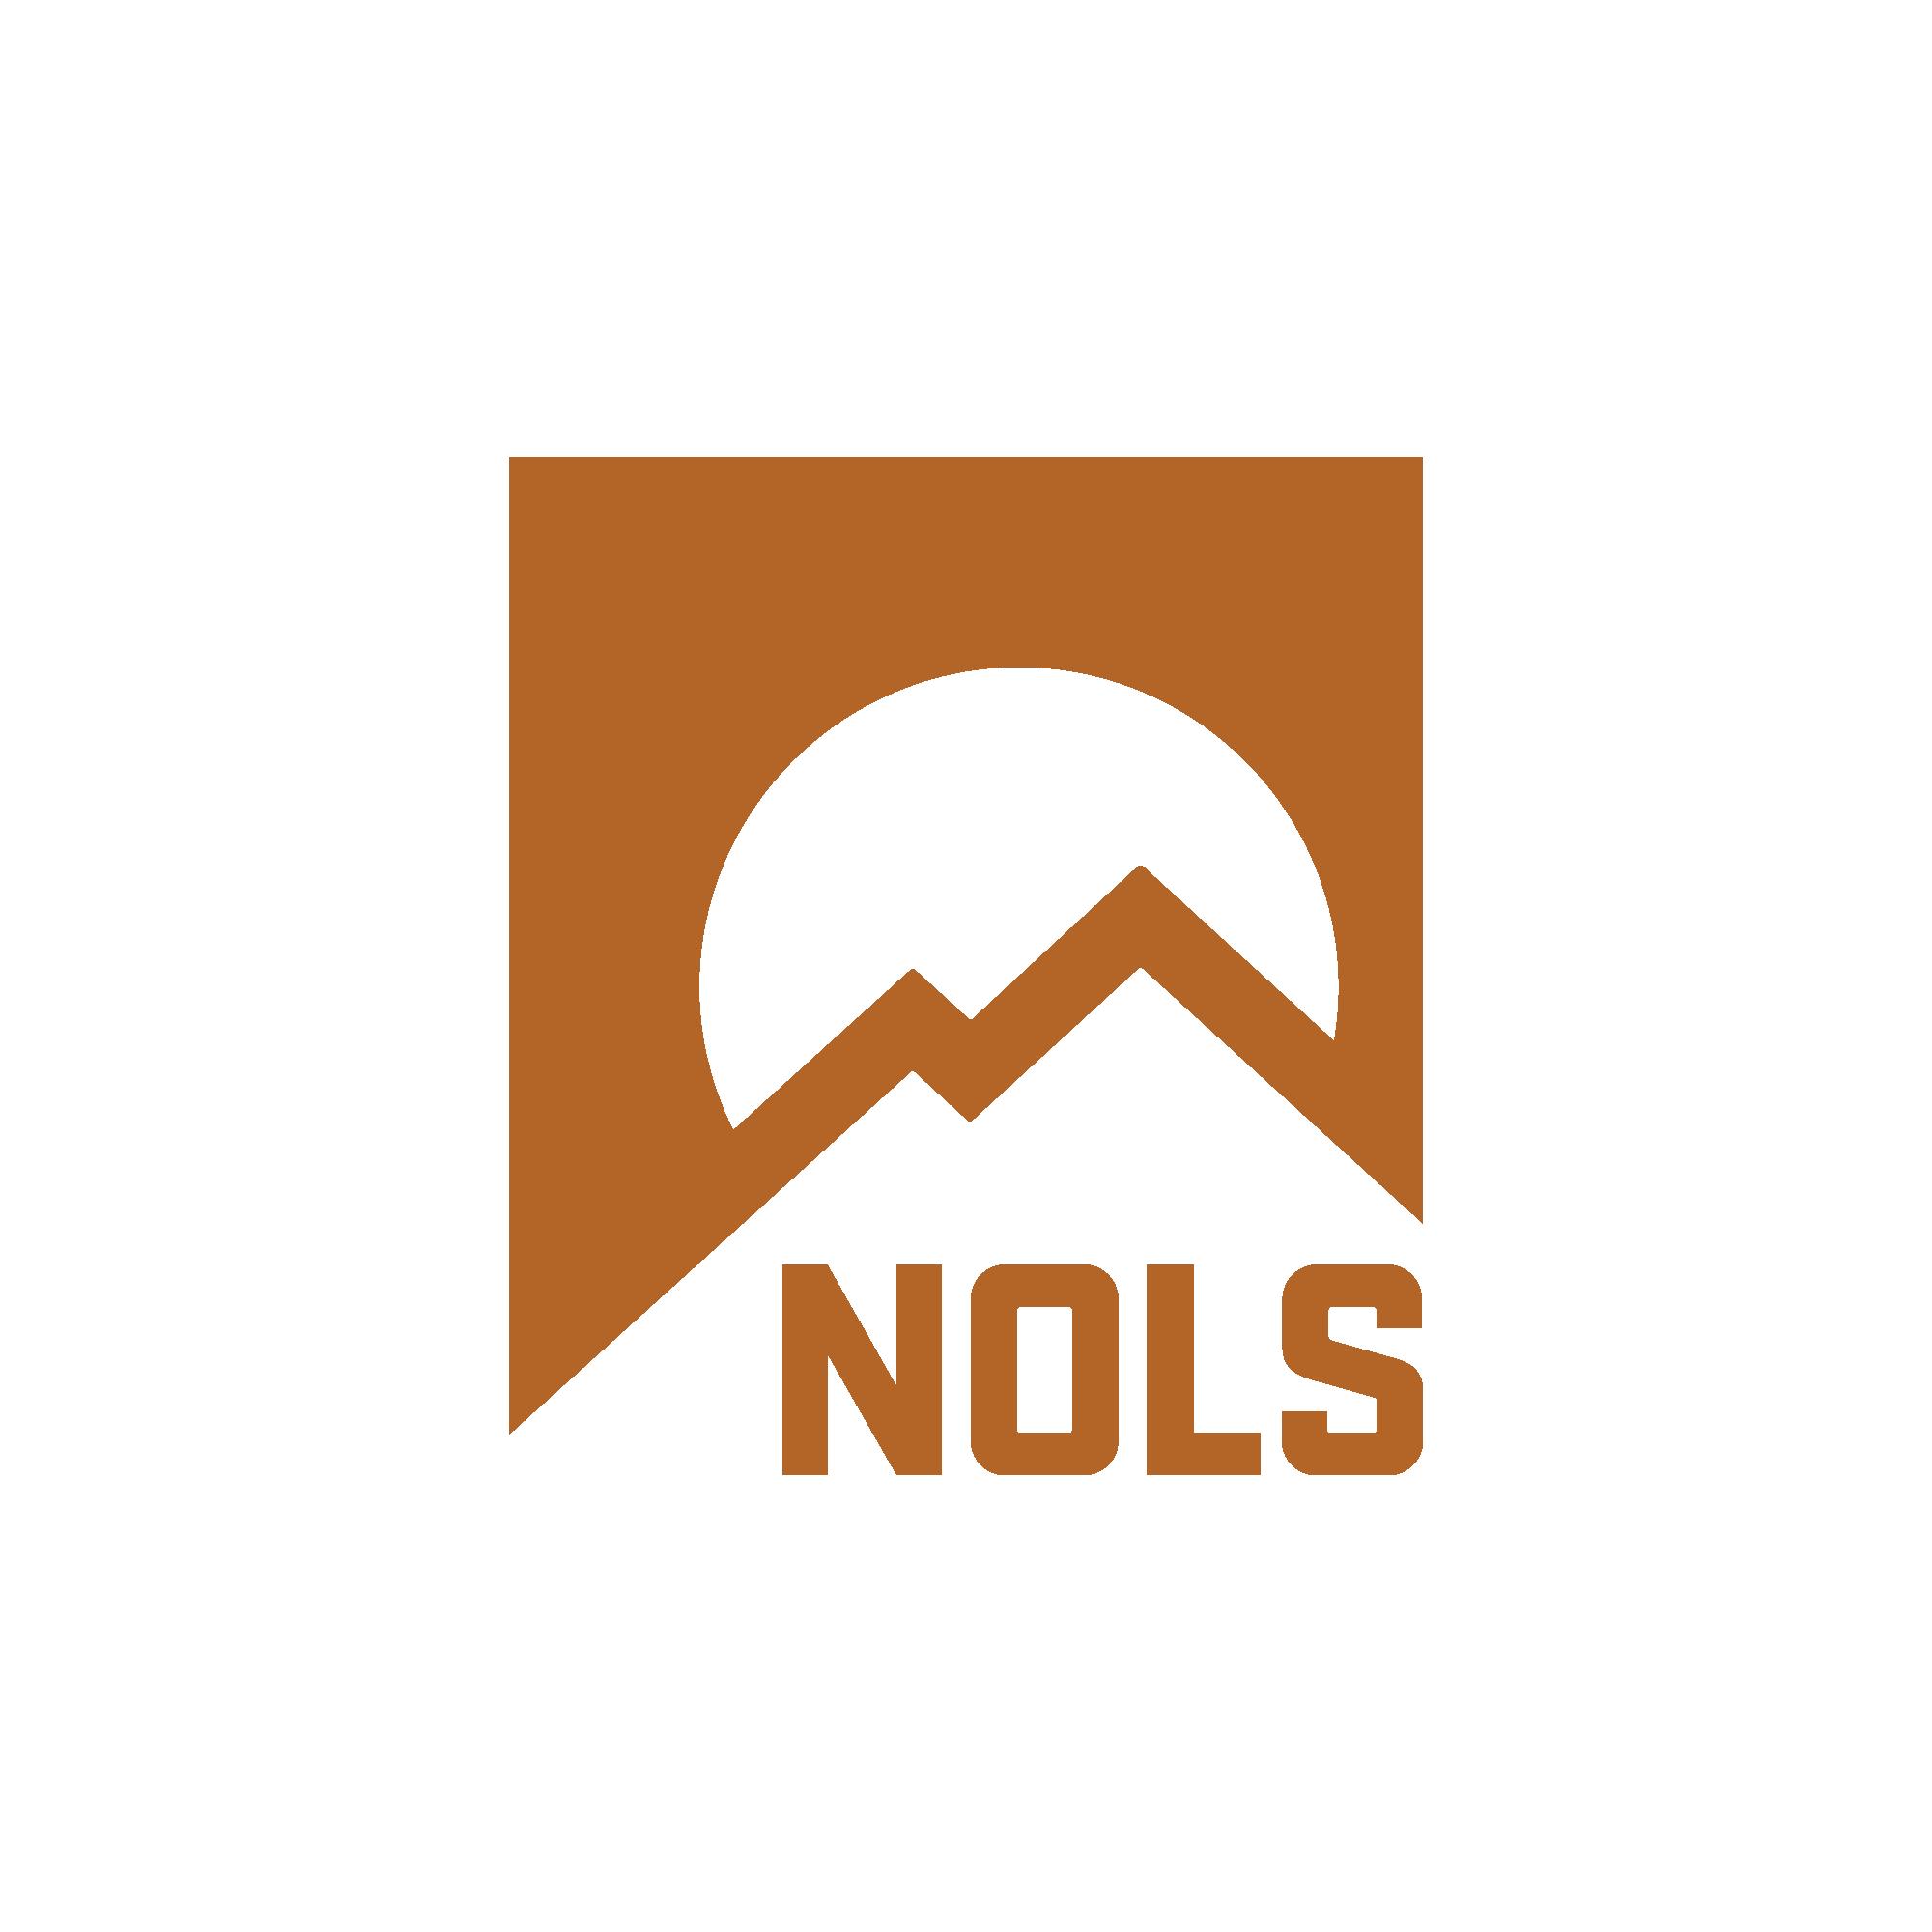 nols.png